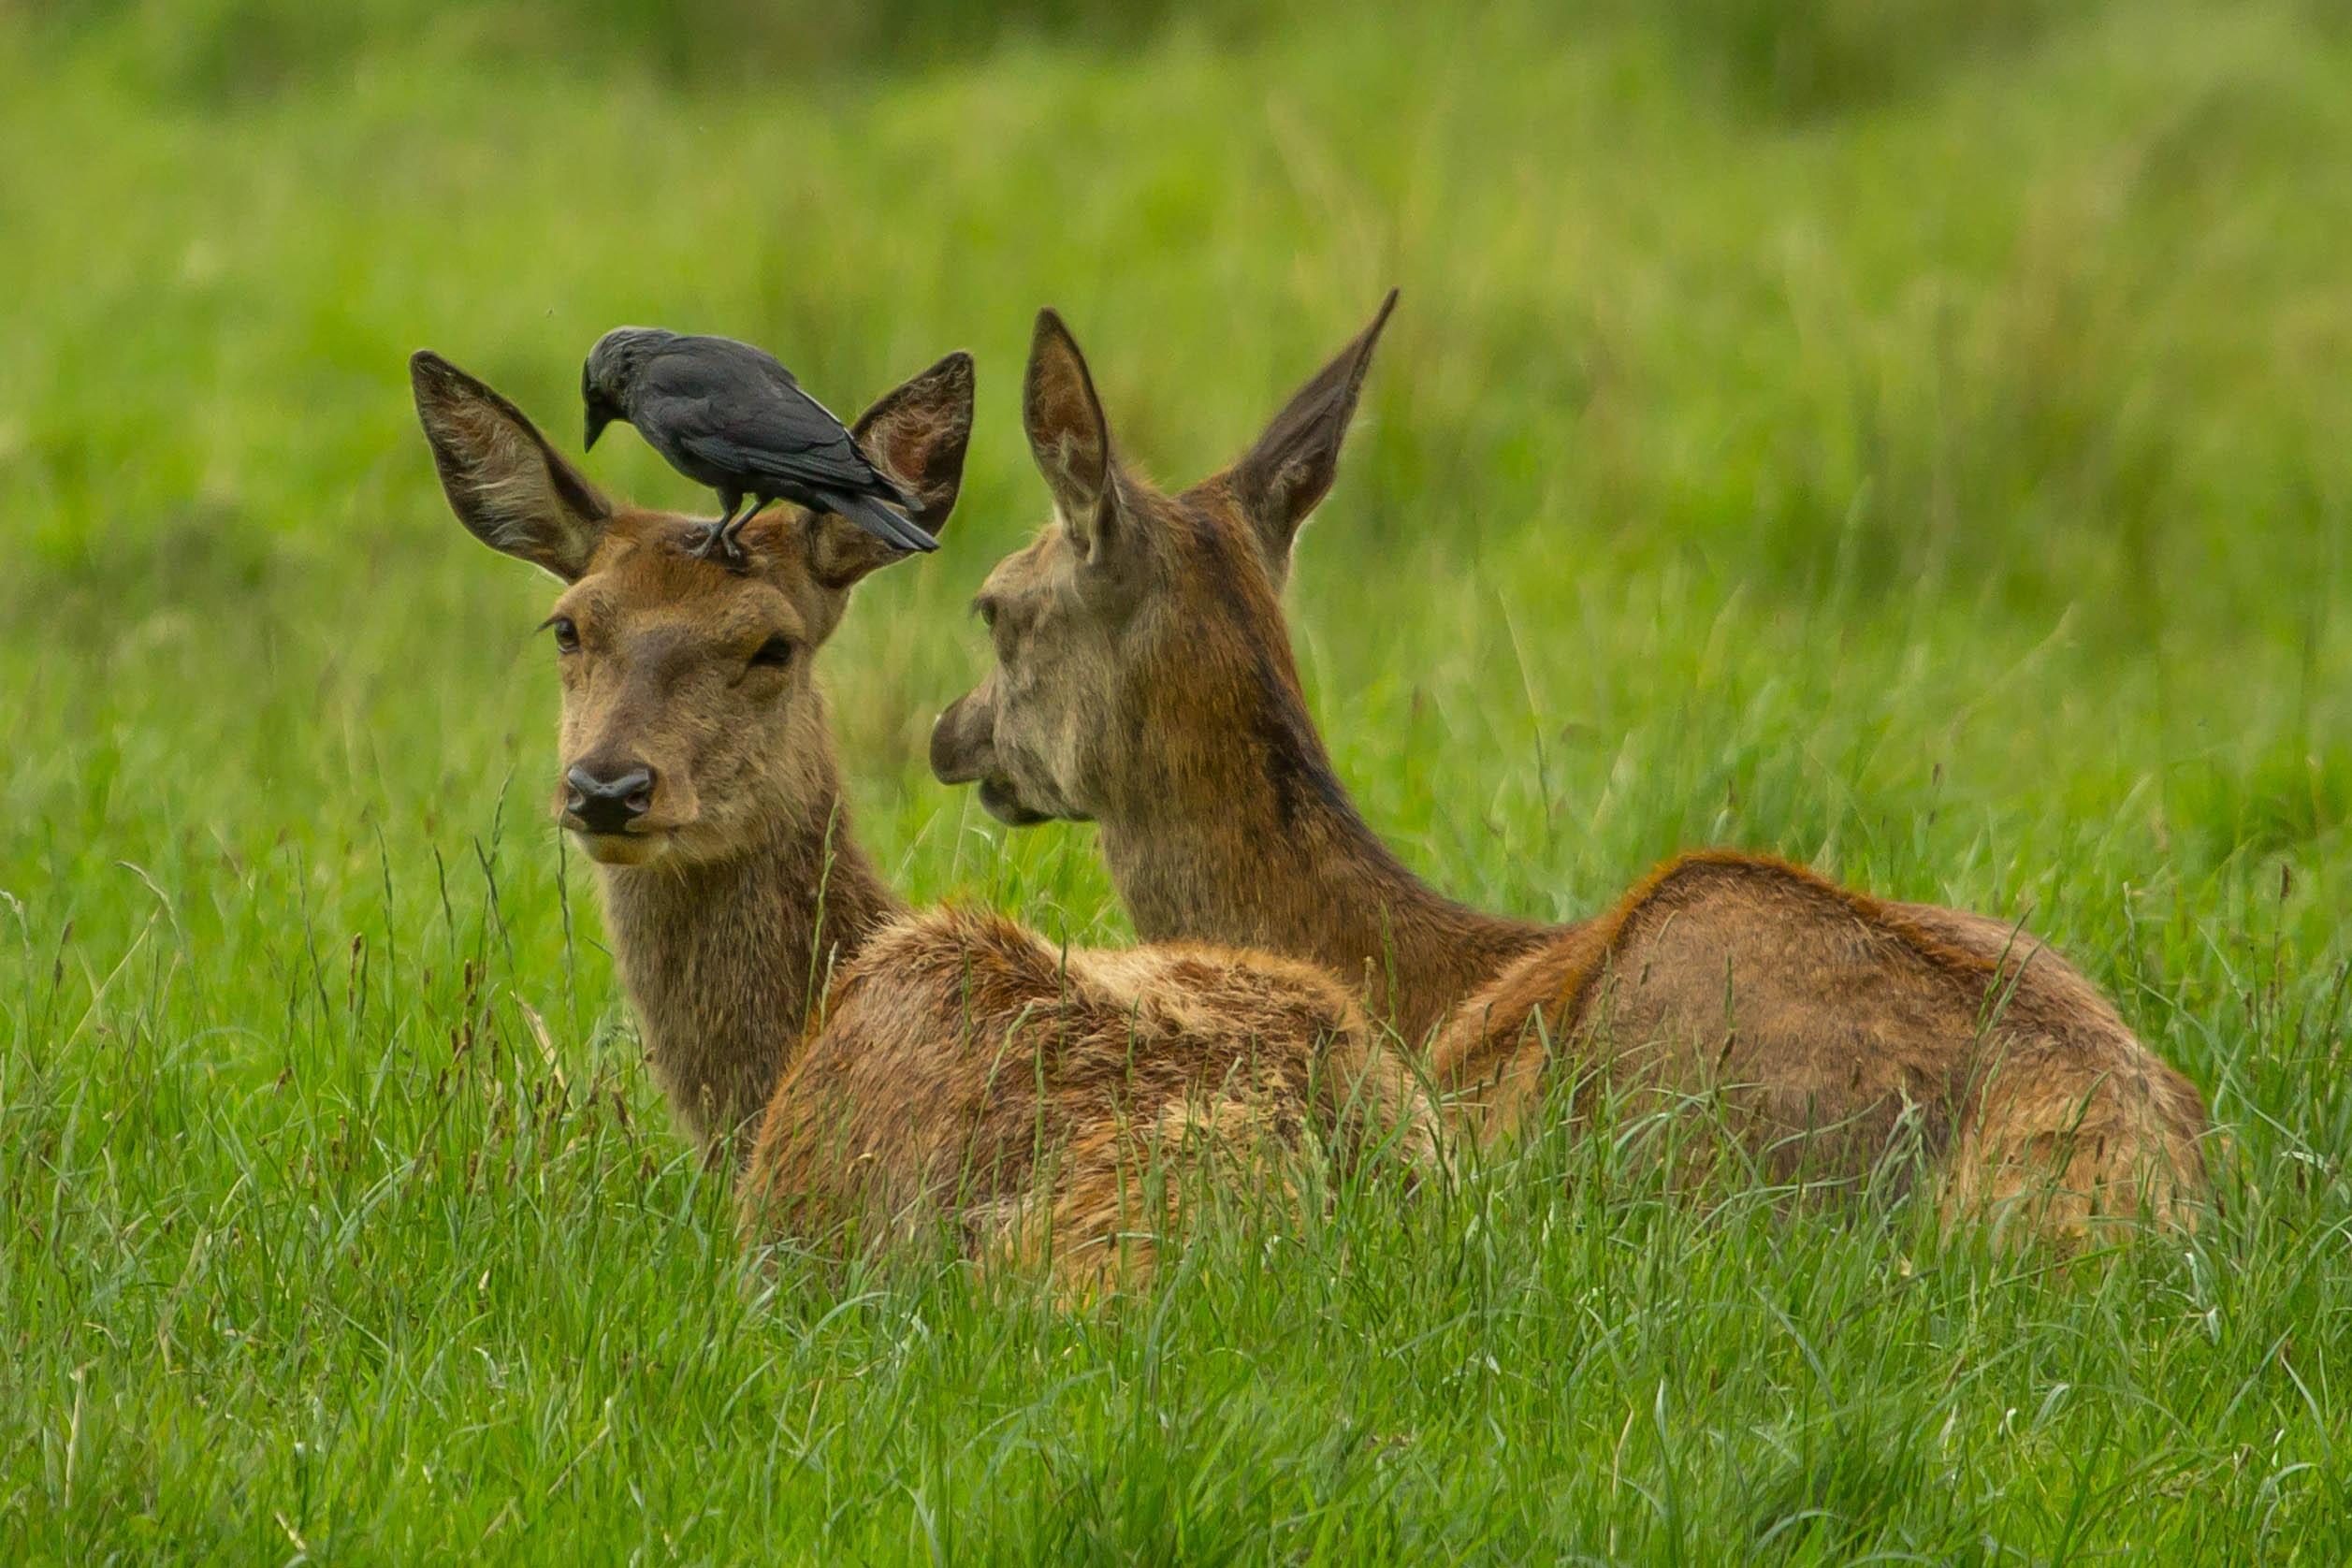 последнее картинки животных белгородской области менее интересные предки